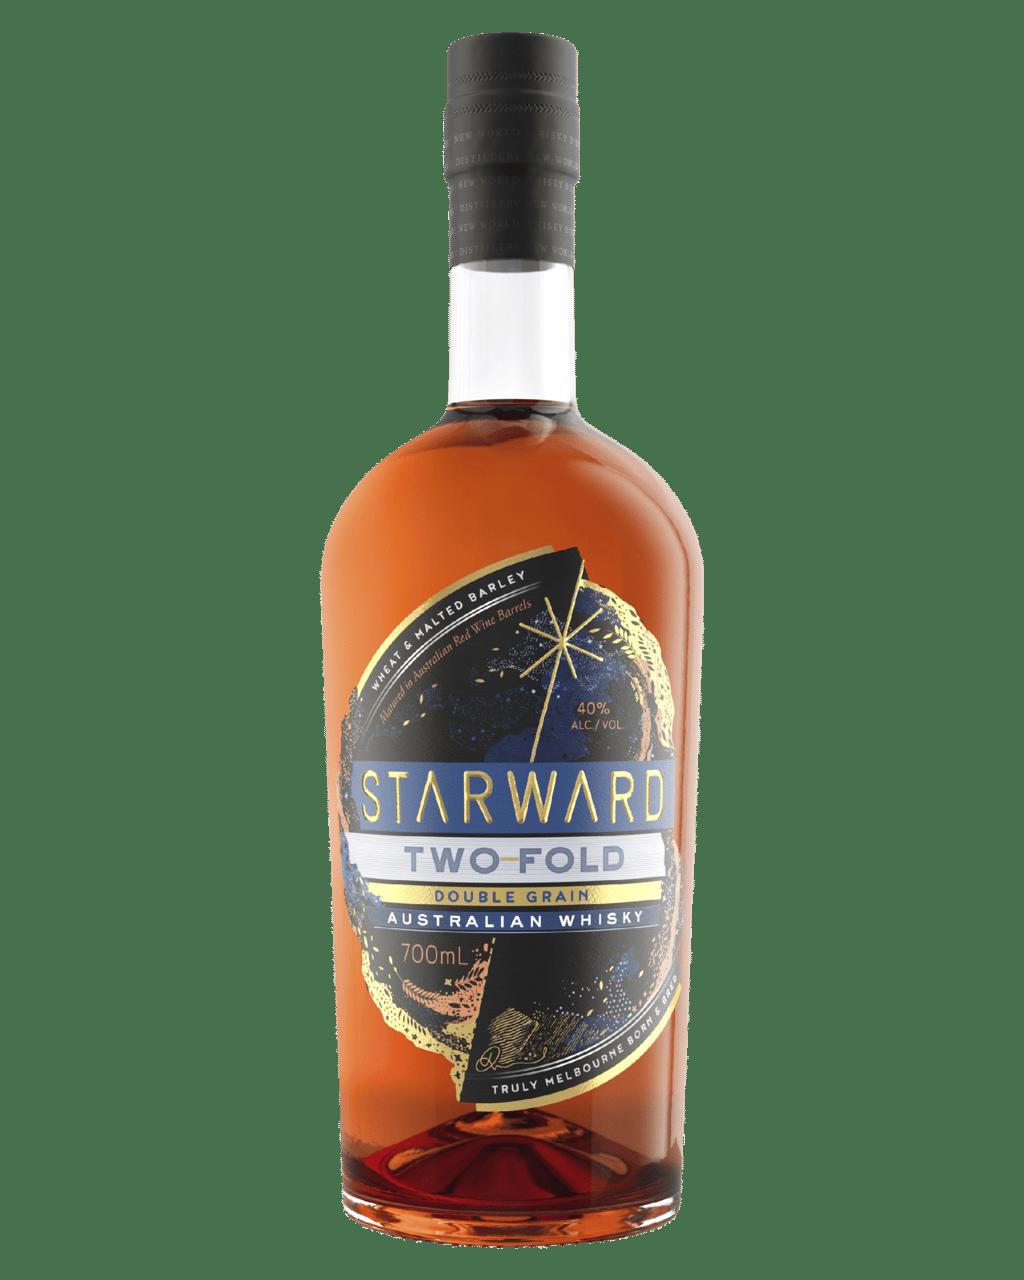 Buy Starward Two-Fold Double Grain Australian Whisky 700mL Online (Lowest prices in Australia) | Dan Murphy's